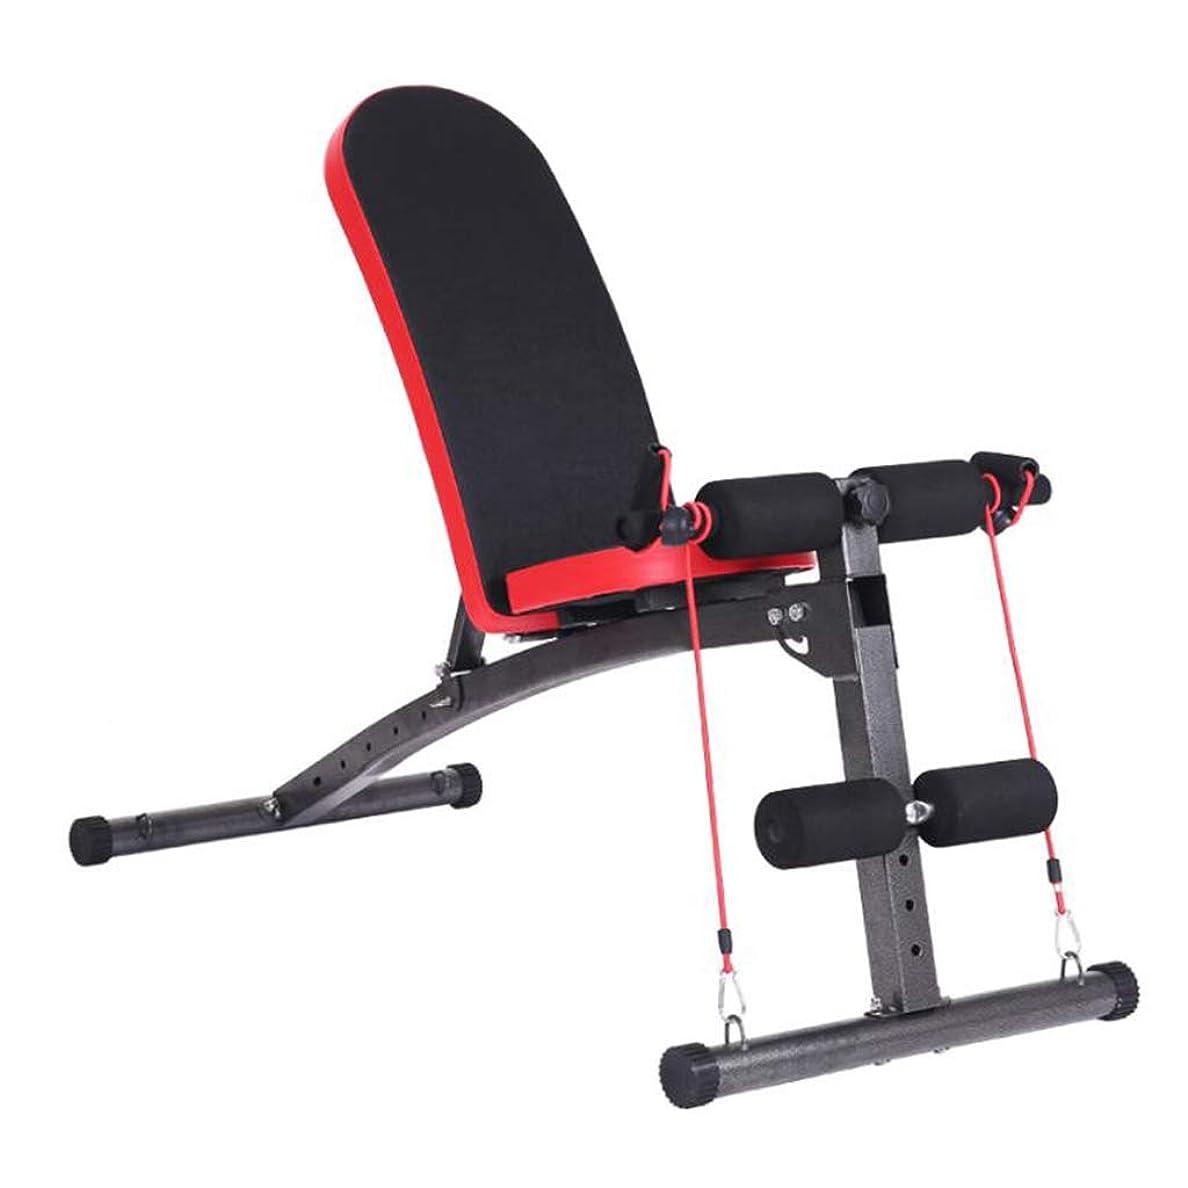 まっすぐマージン定刻トレーニングベンチ 折りたたみ重量テーブル多機能フィットネスチェア仰向けボード小さな鳥ダンベルベンチ 仰臥位ボード (Color : Black, Size : 128*60*56cm)